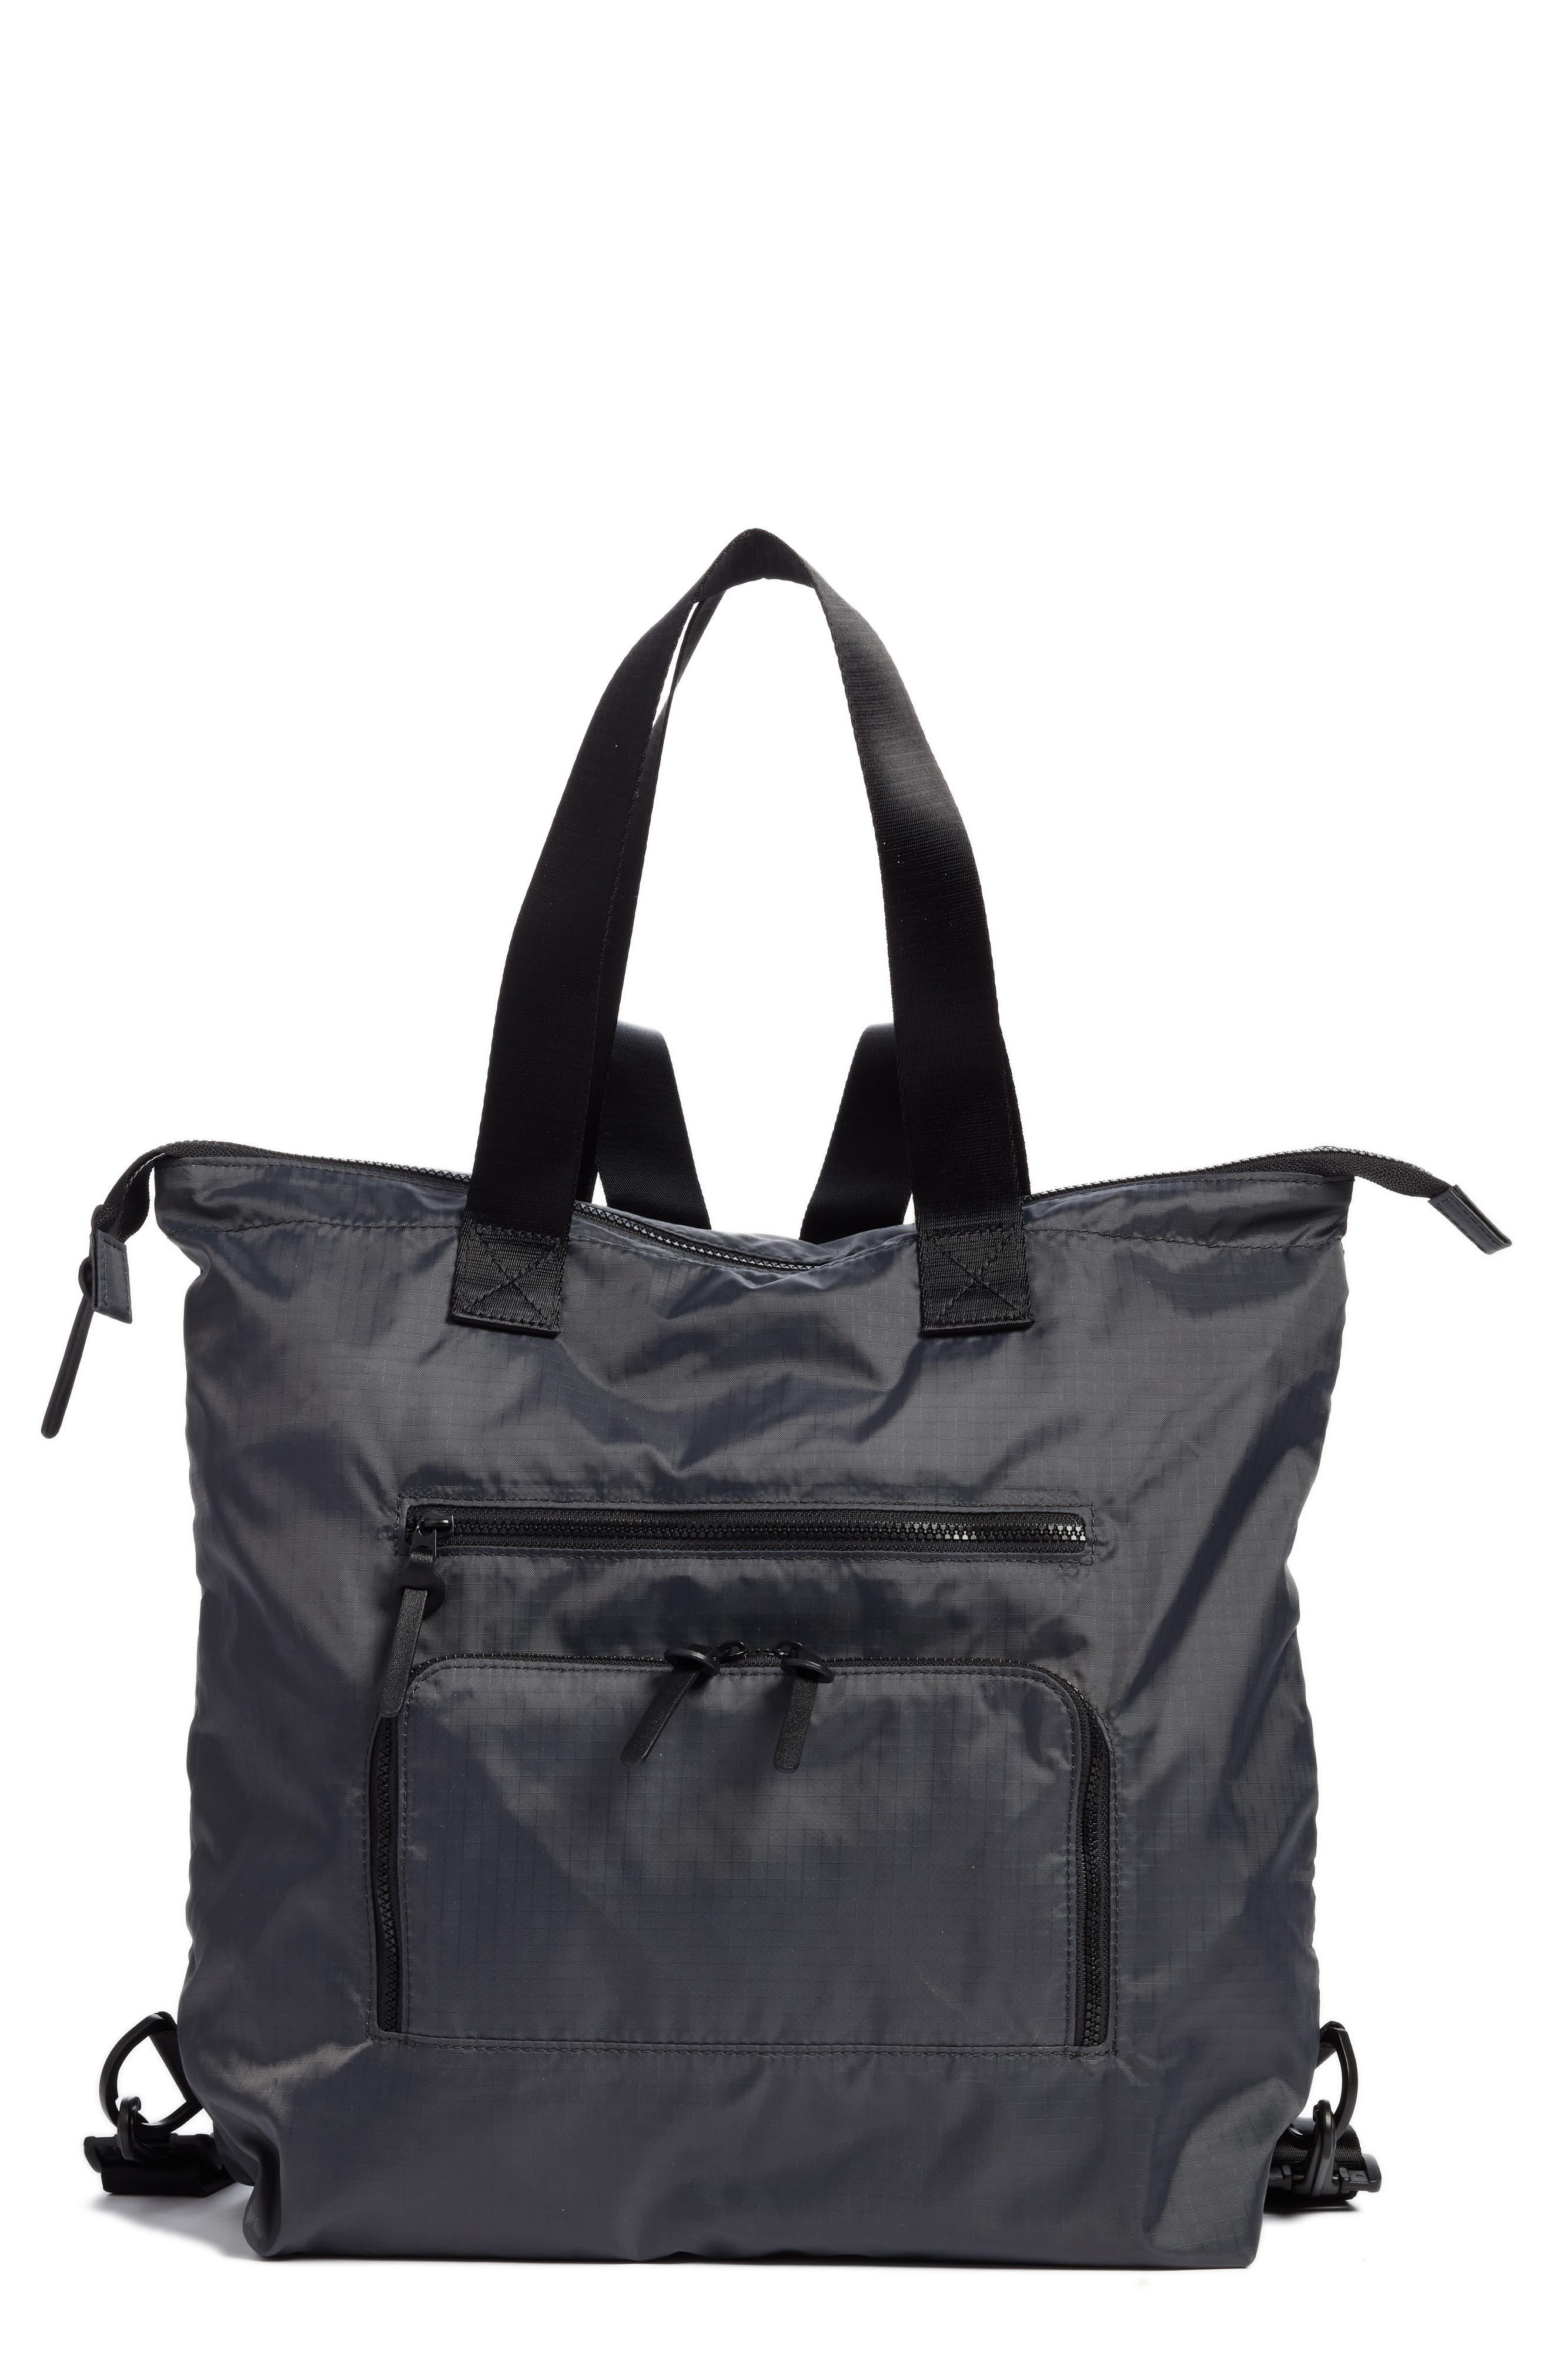 6a76b8bf4ec Women s Sale Handbags   Wallets